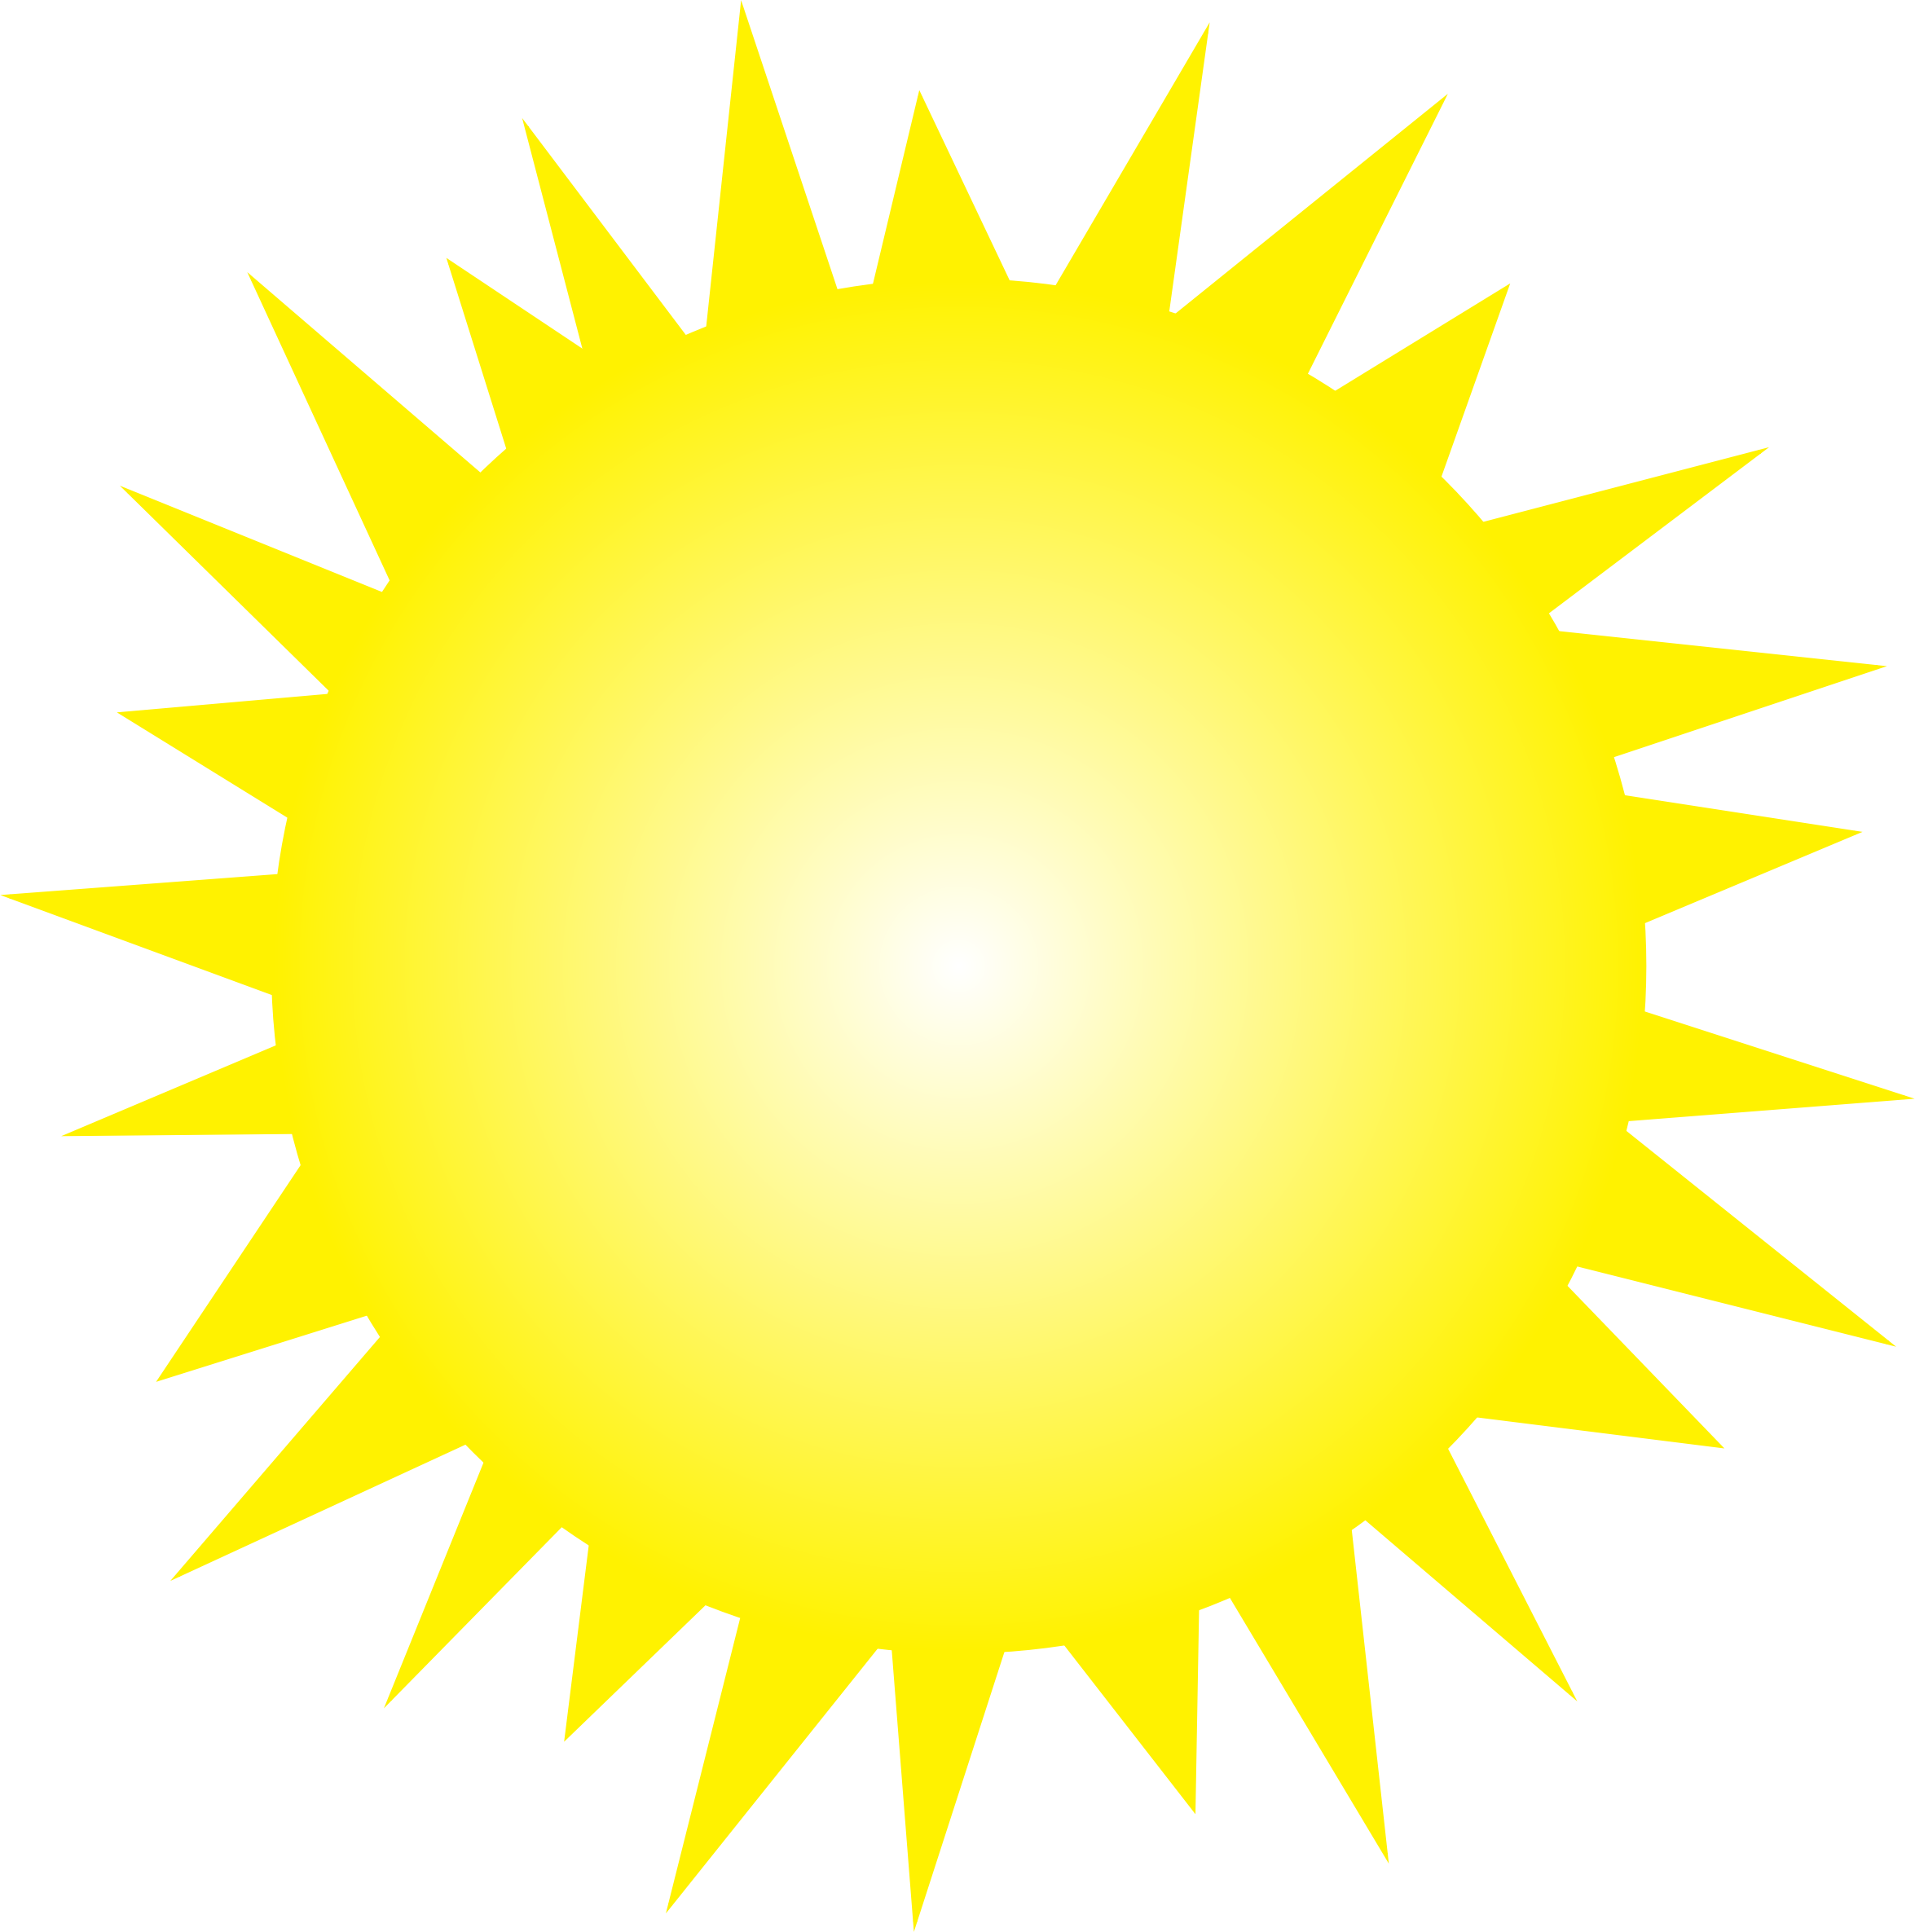 2350x2371 Art Of Sun Png Transparent Art Of Sun.png Images. Pluspng